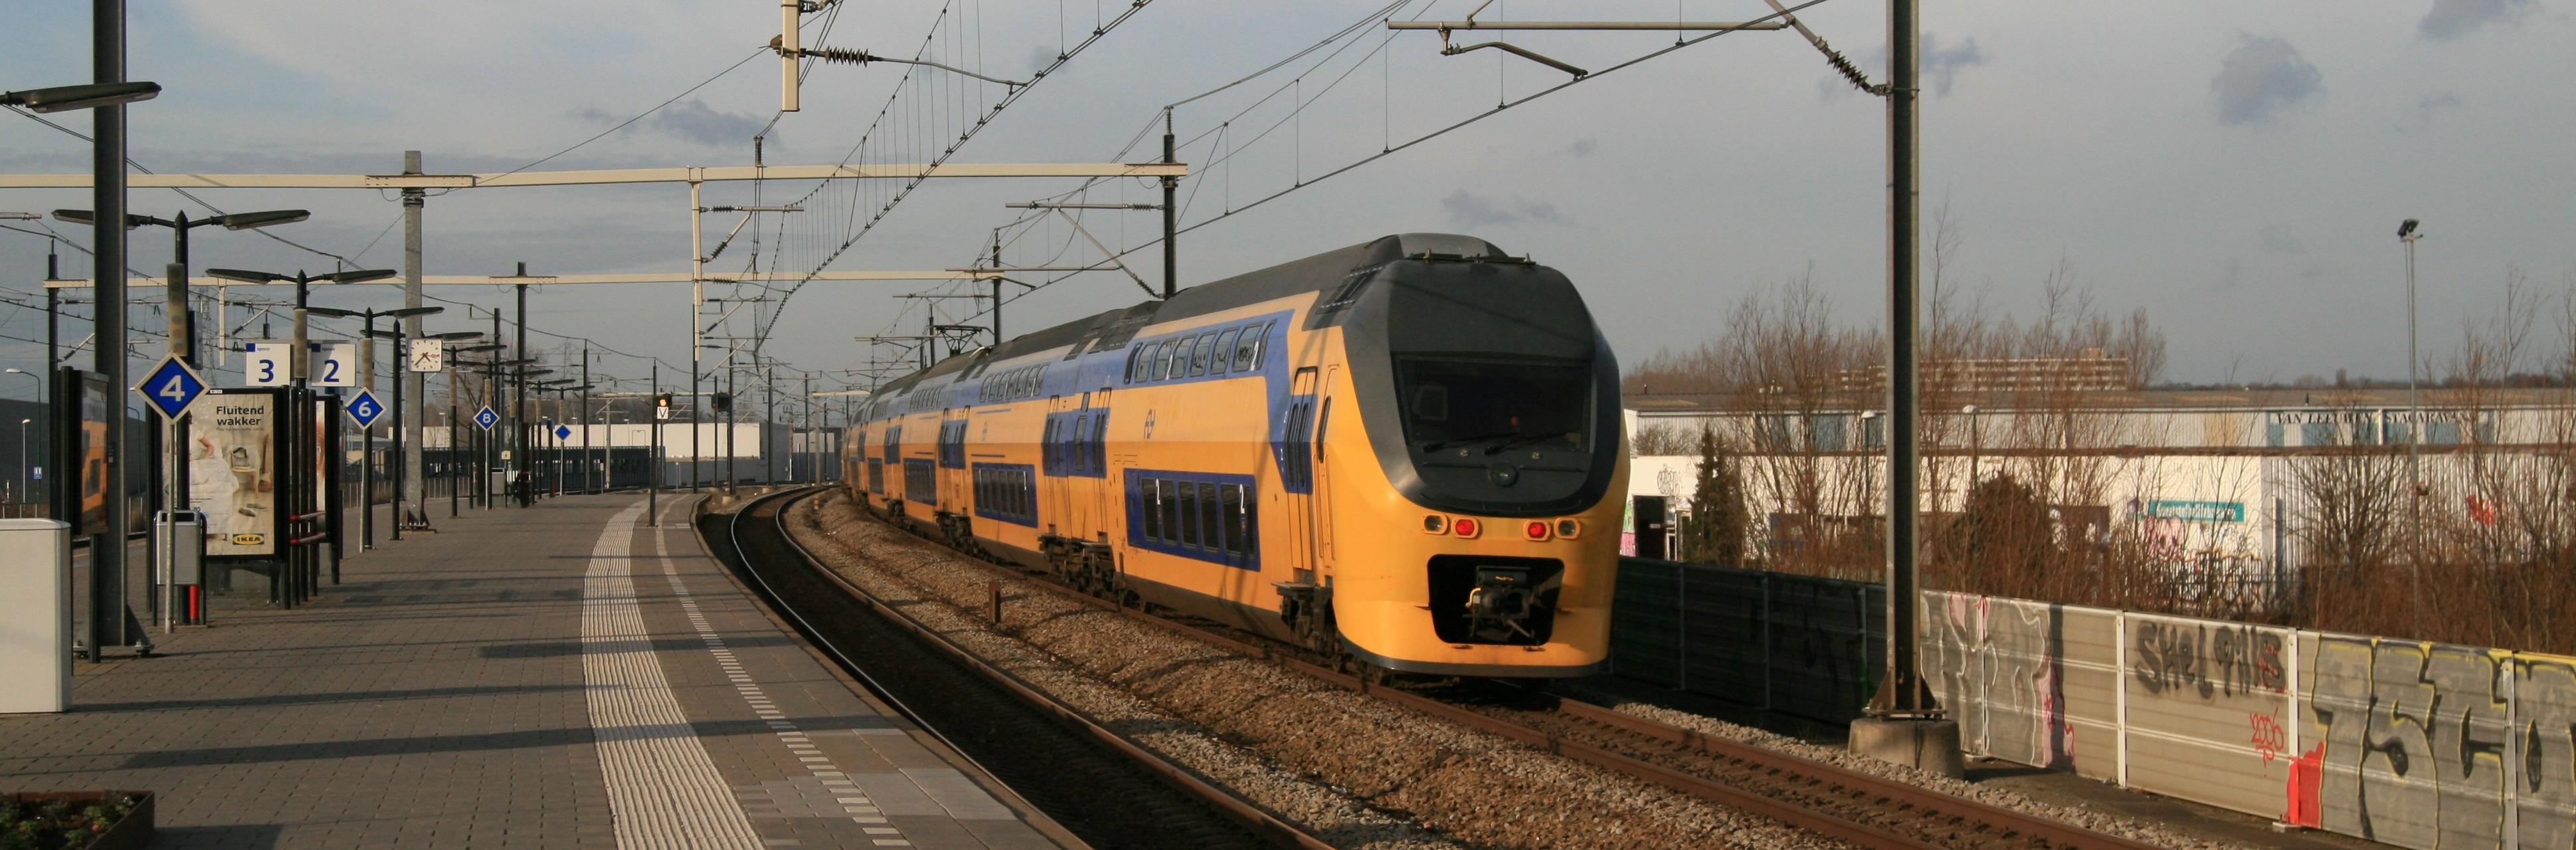 VIRM passing Breukelen